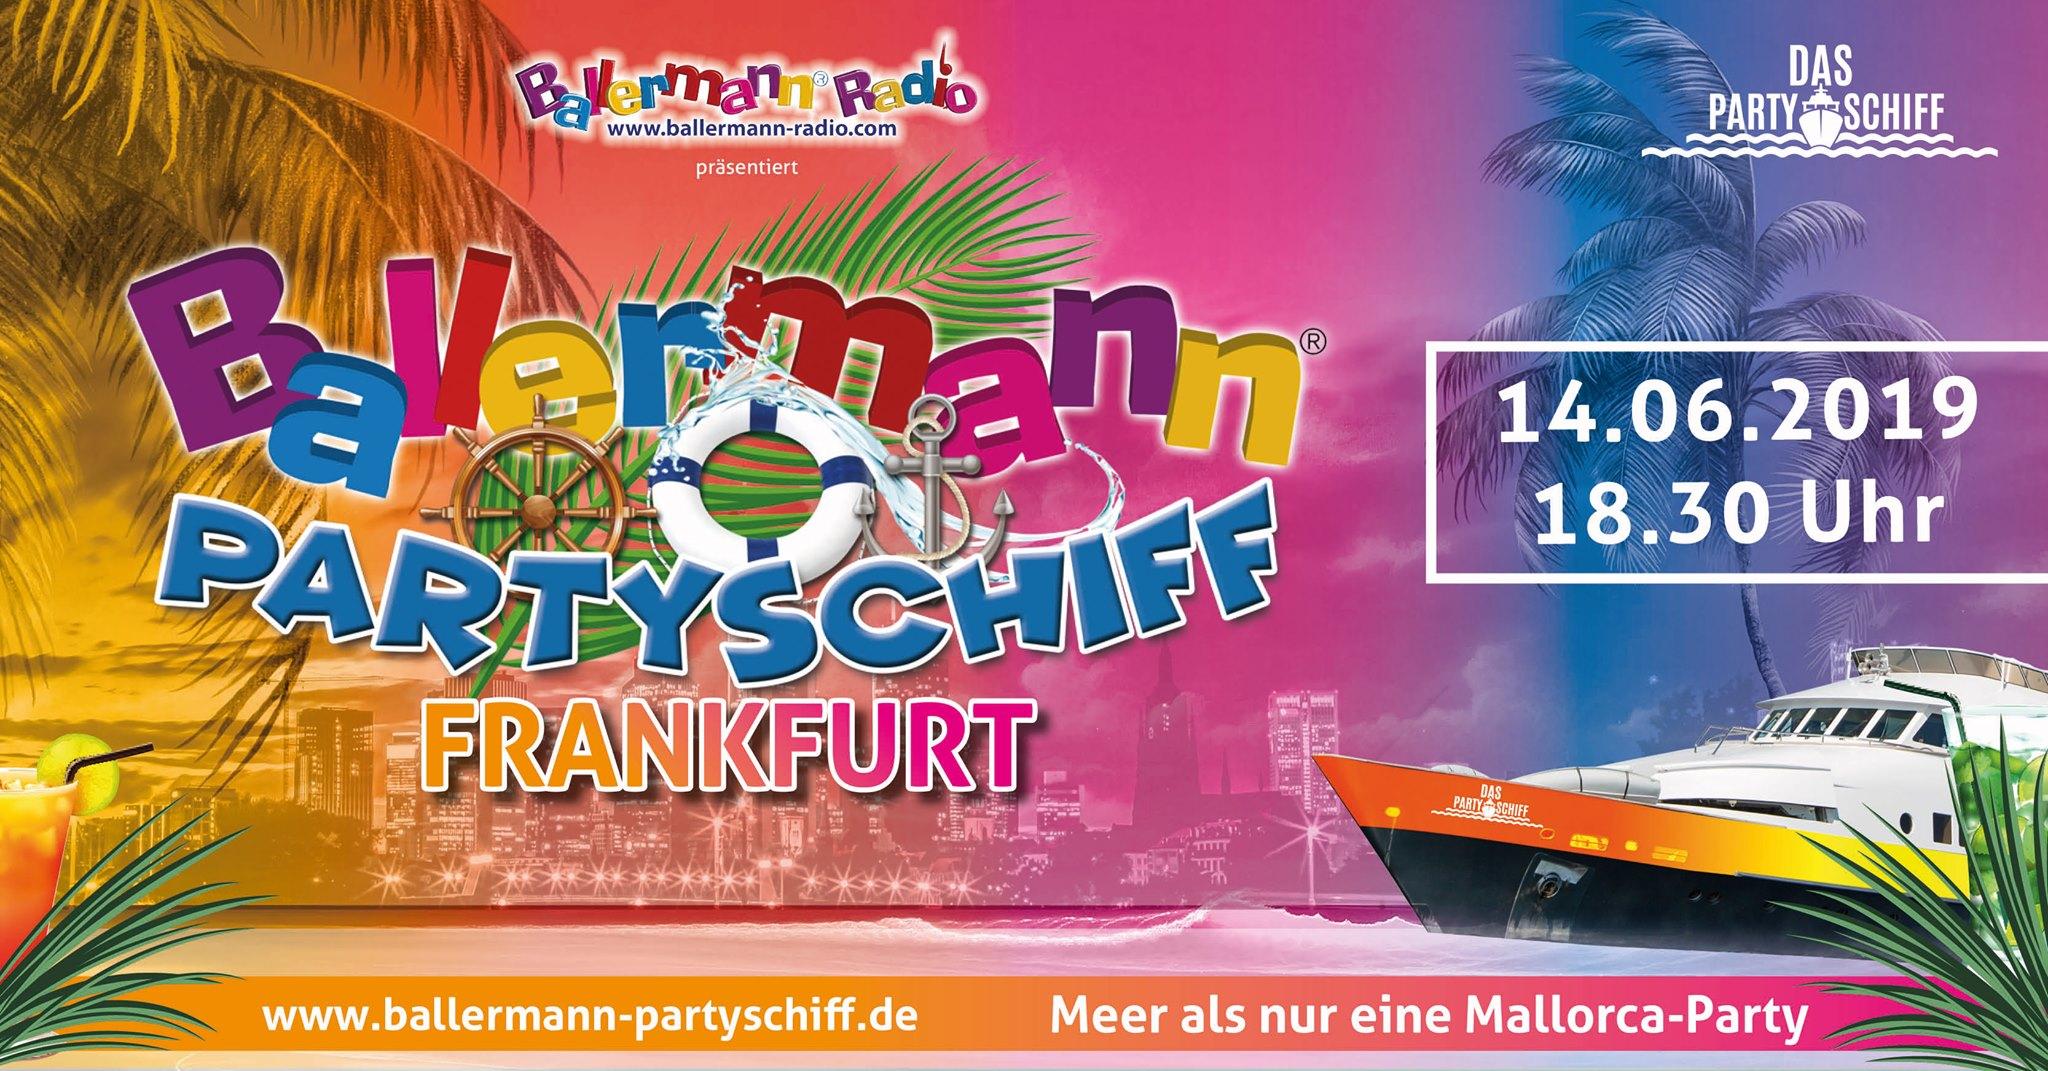 Das Ballermann-Partyschiff